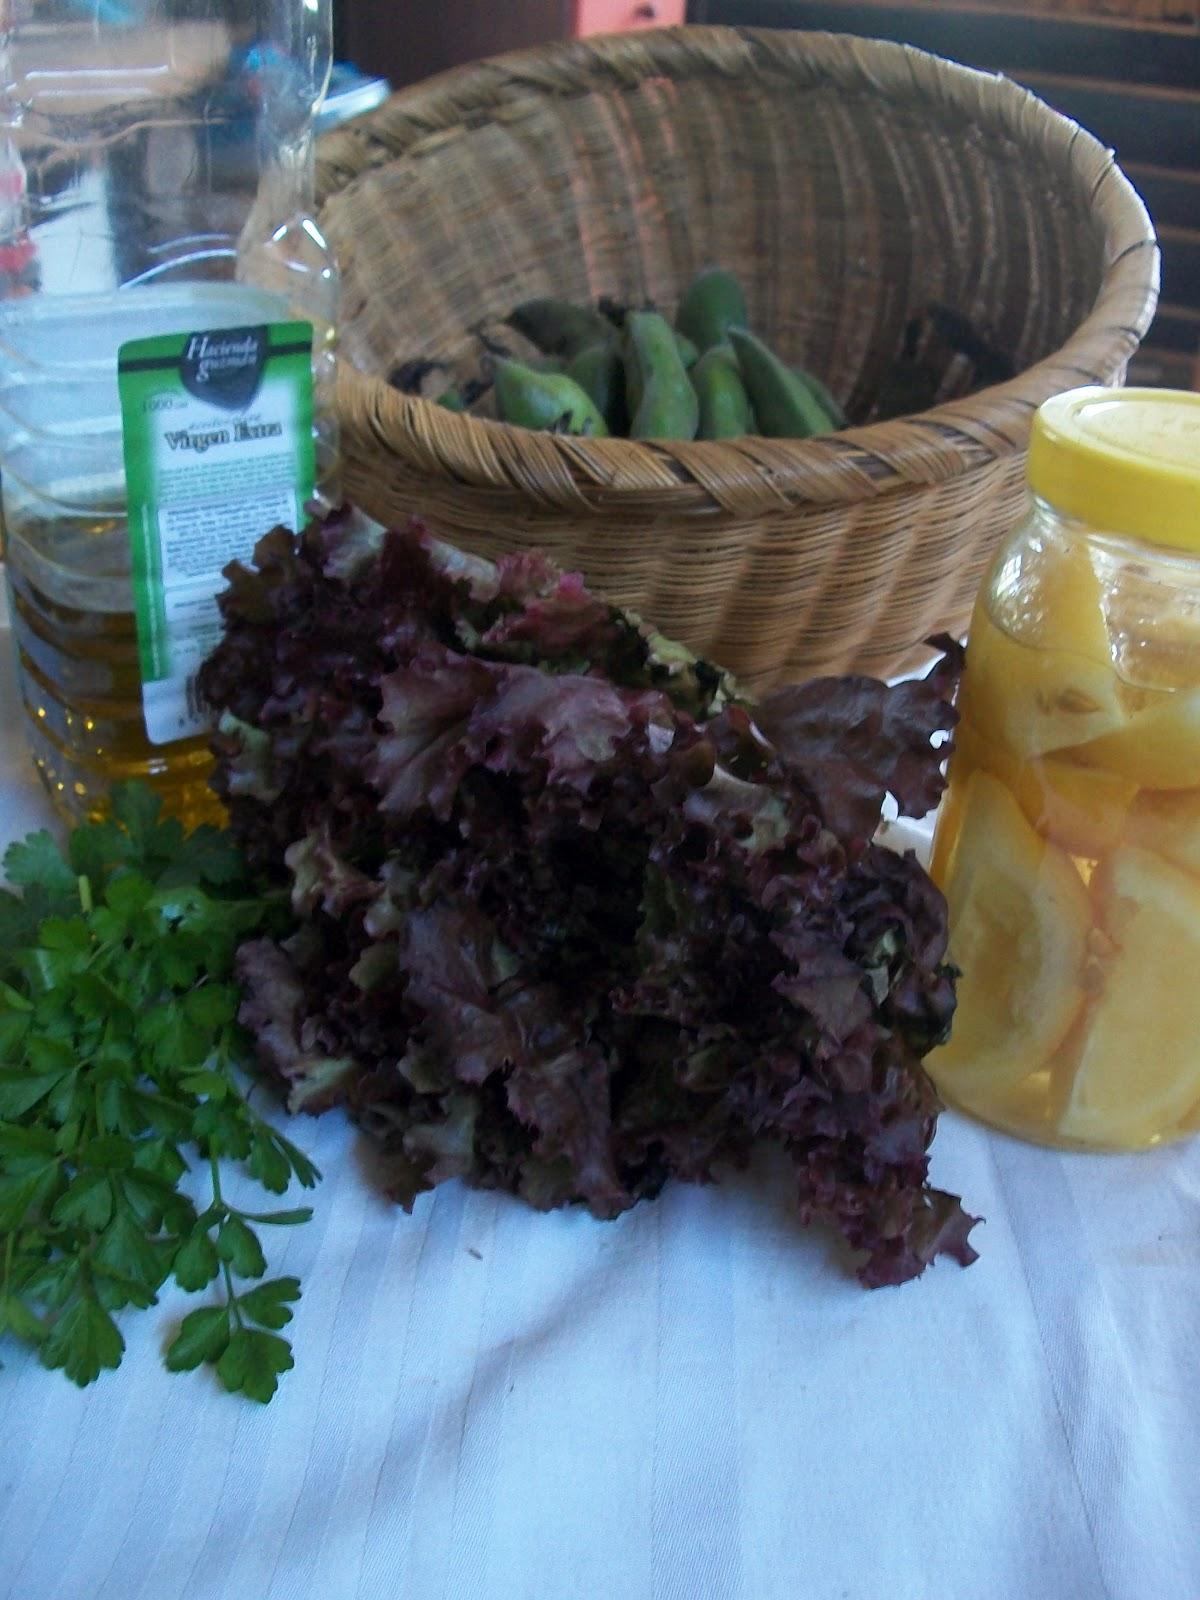 Backtoeden ensalada de habas verdes for Como se cocinan las habas